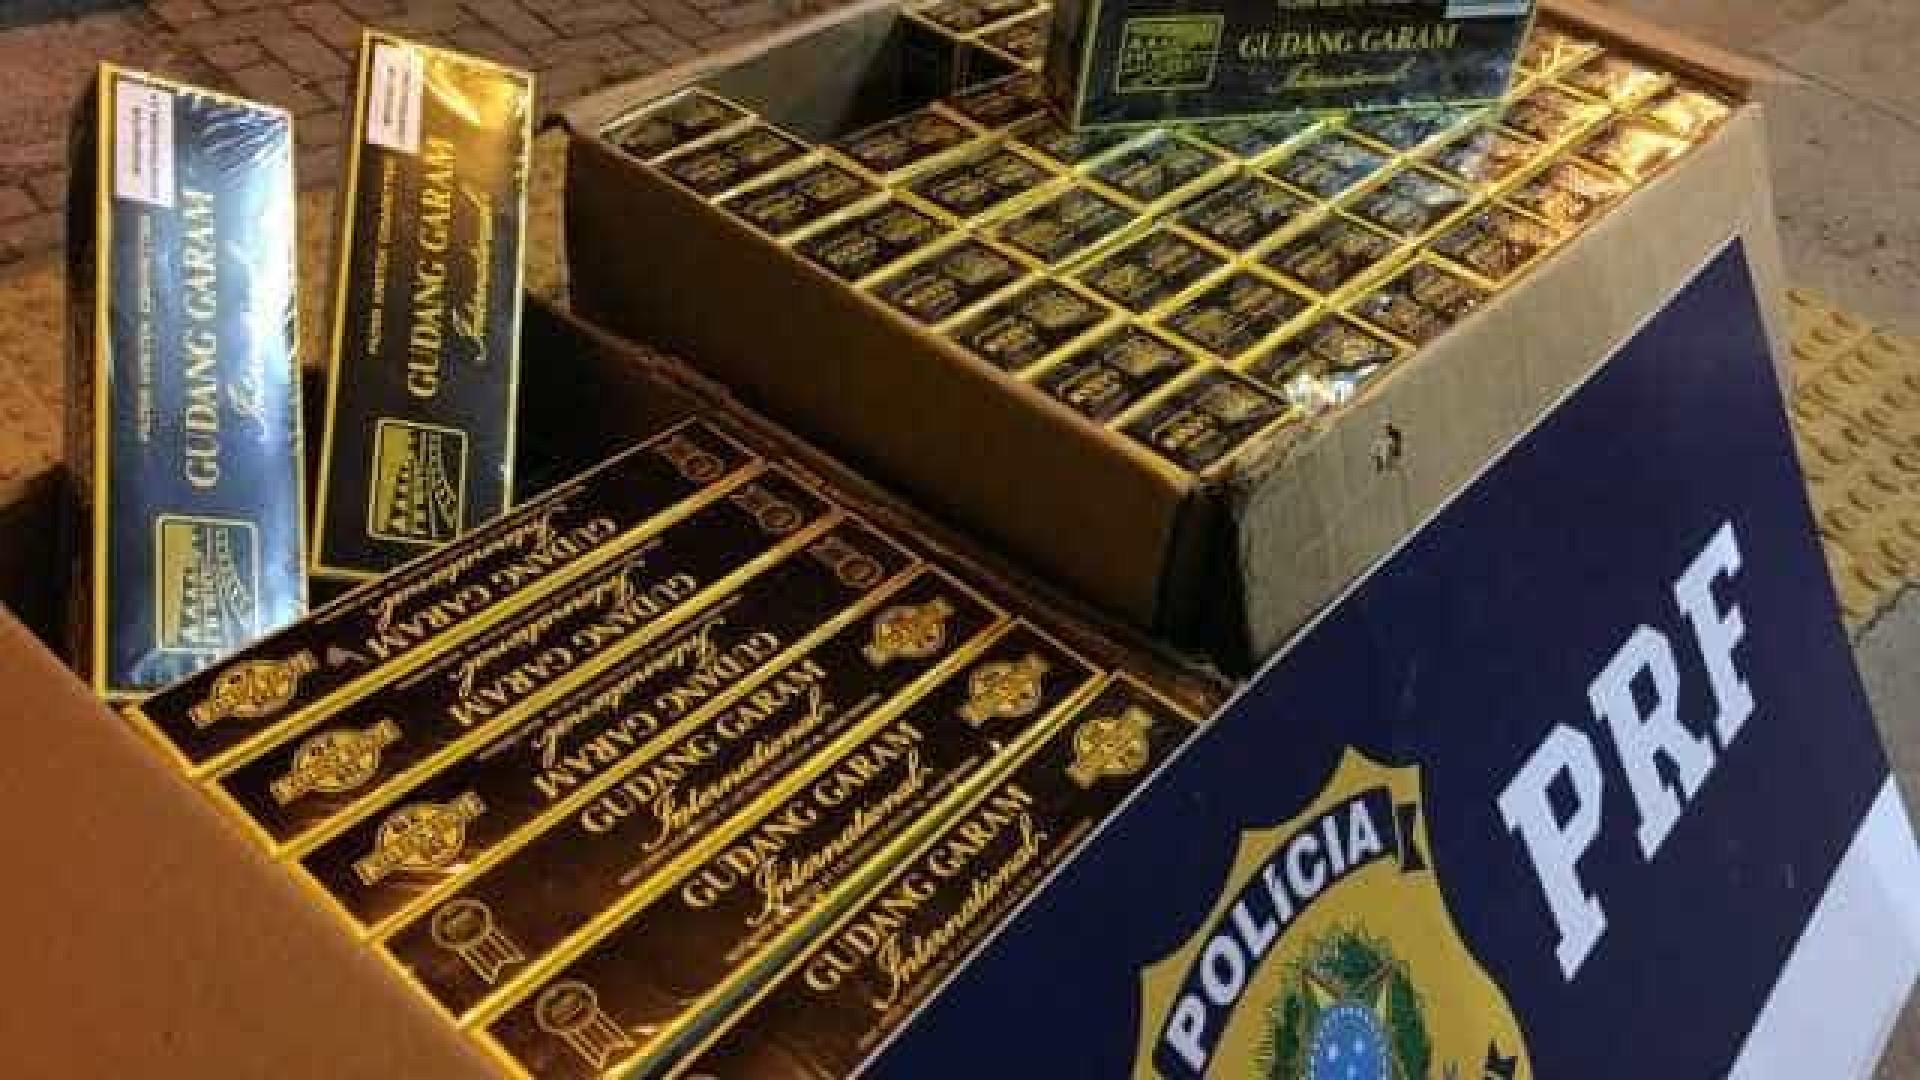 Mais de mil maços de cigarros  foram contrabandeados em ônibus